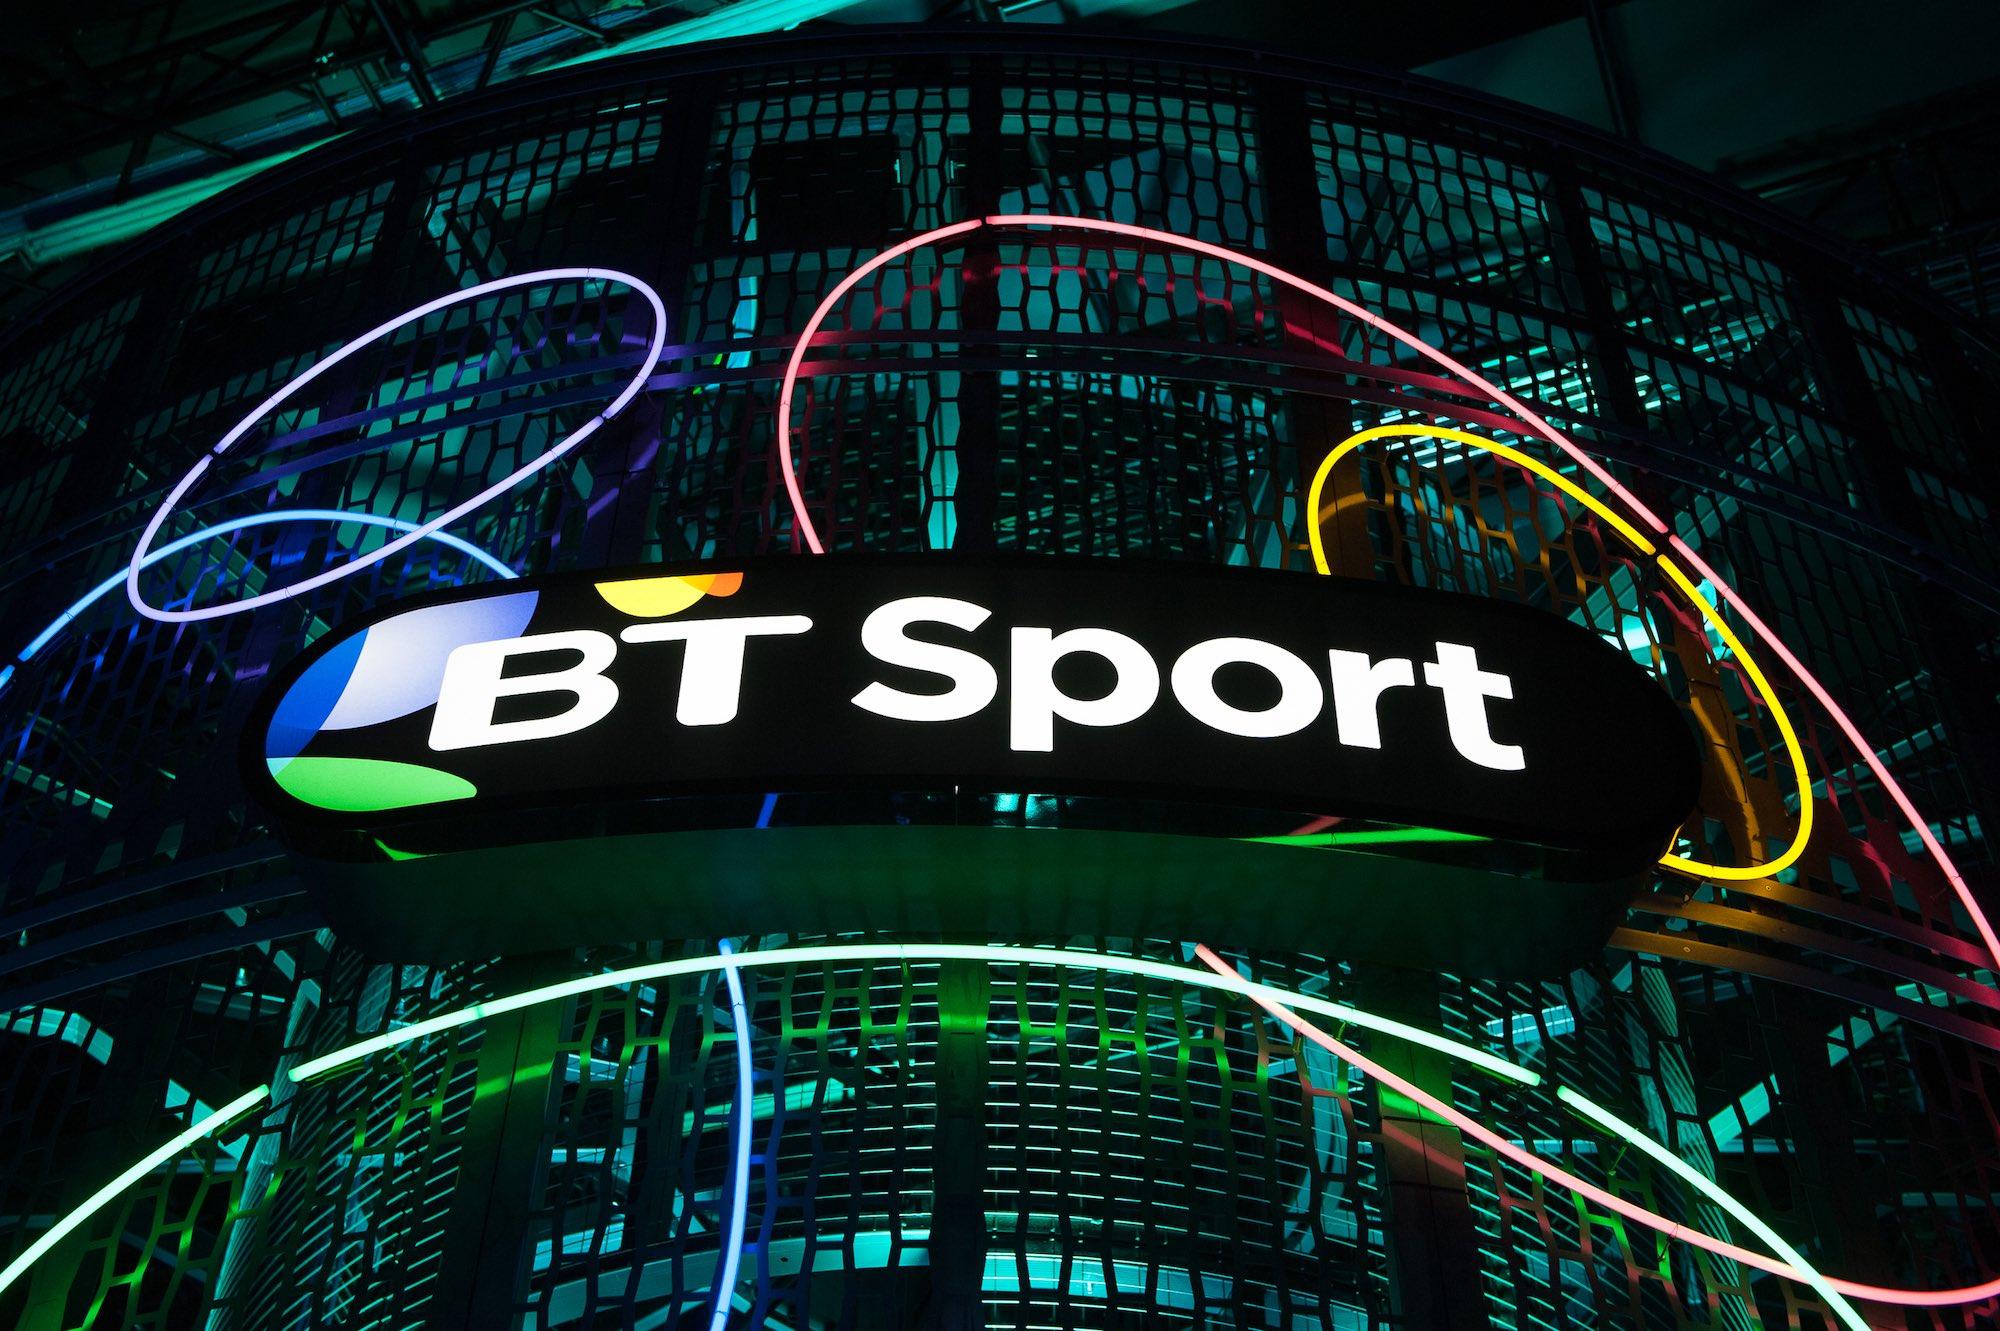 BT Sport Score to stream each week on Twitter – SEENIT